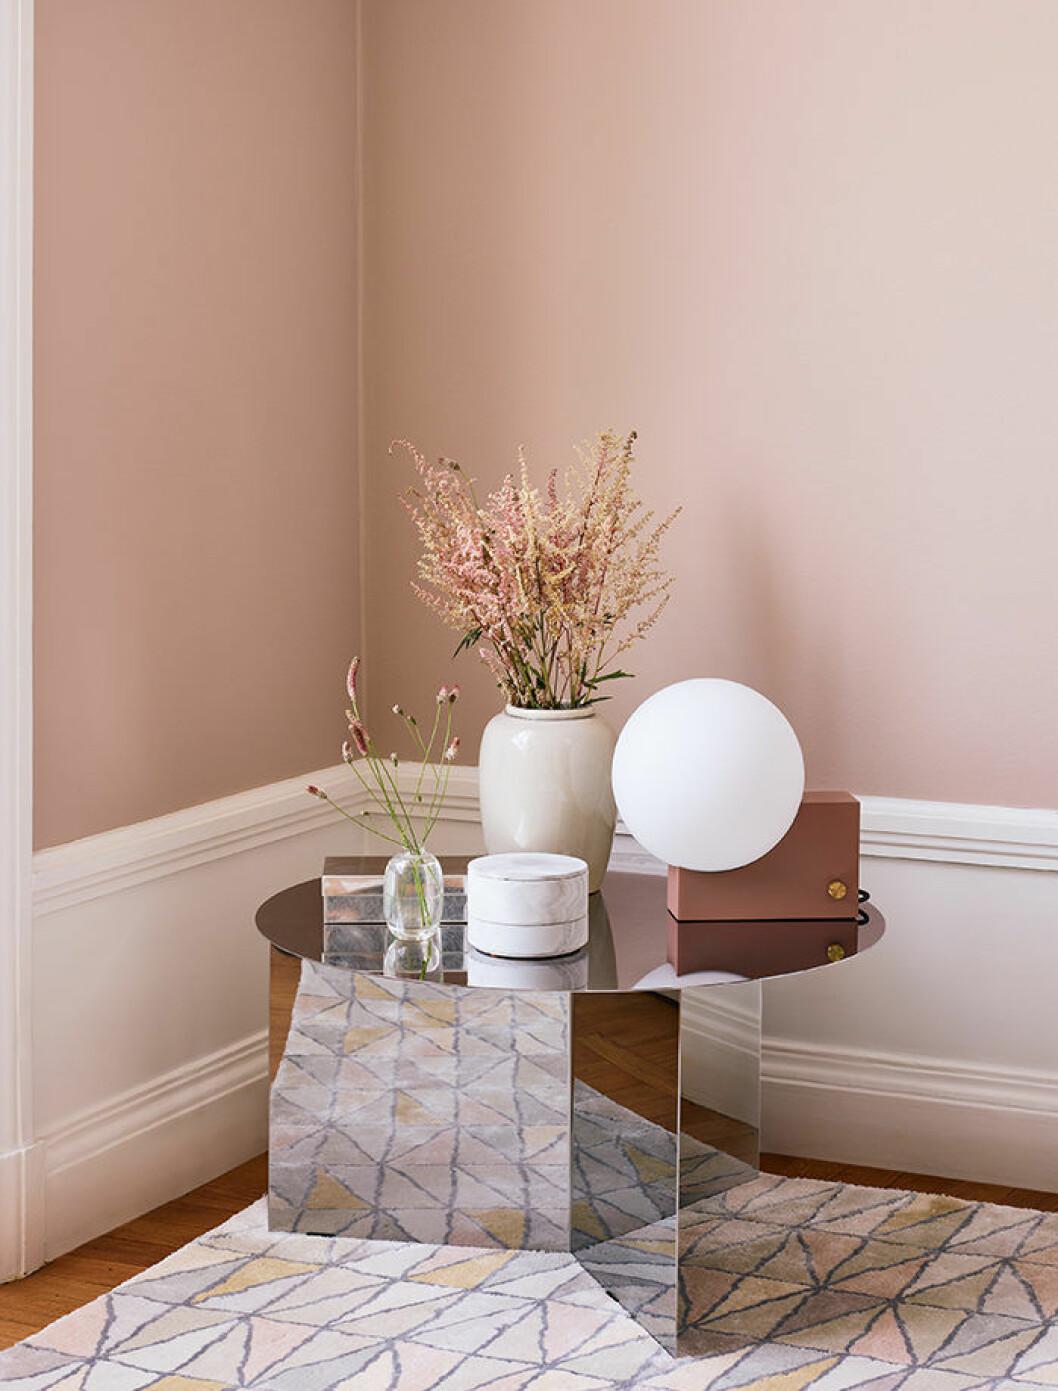 pastellrosa är populärt 2019 – här hos beckers